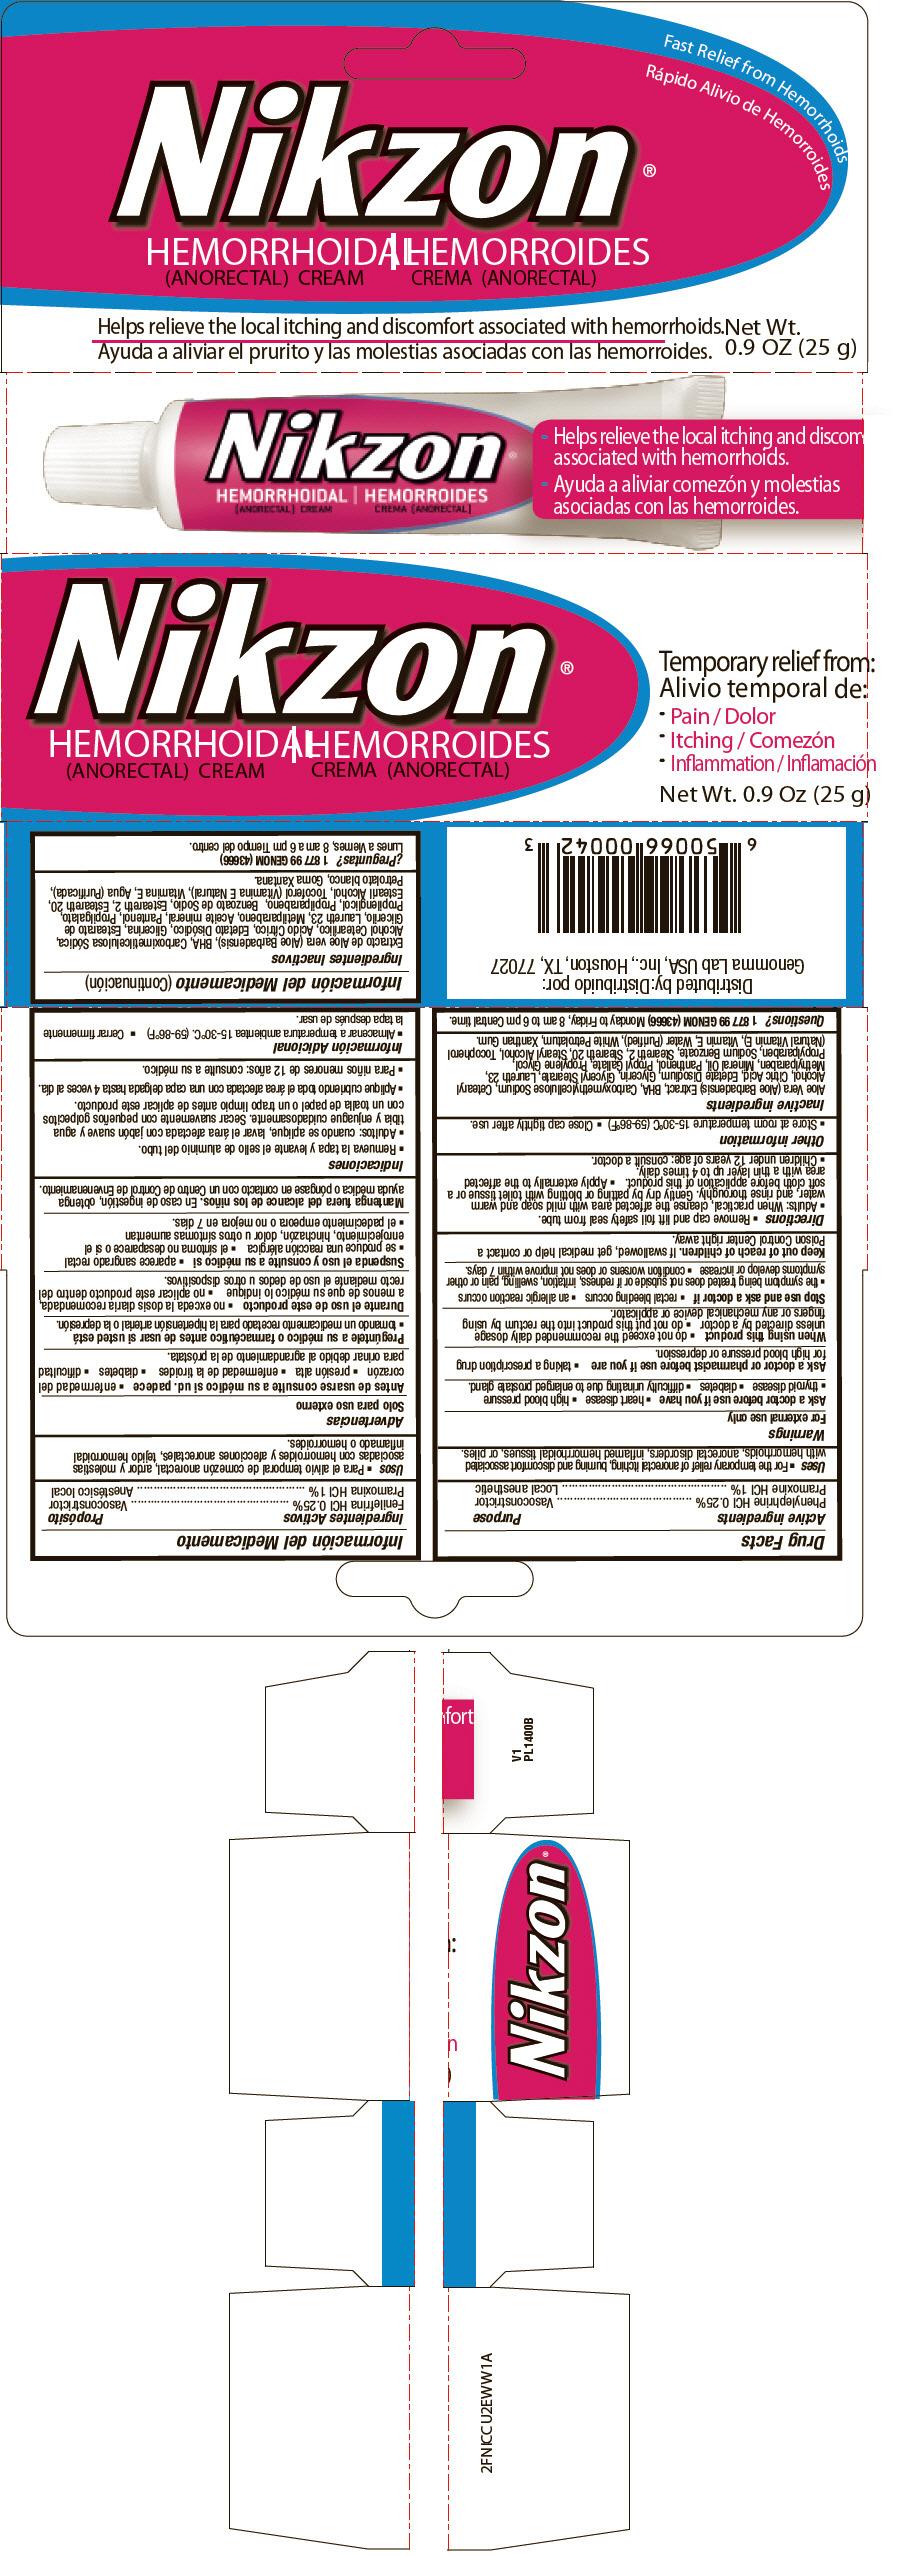 Nikzon Hemorrhoidal (Phenylephrine Hydrochloride And Pramoxine Hydrochloride) Cream [Genoma Lab Usa Inc]